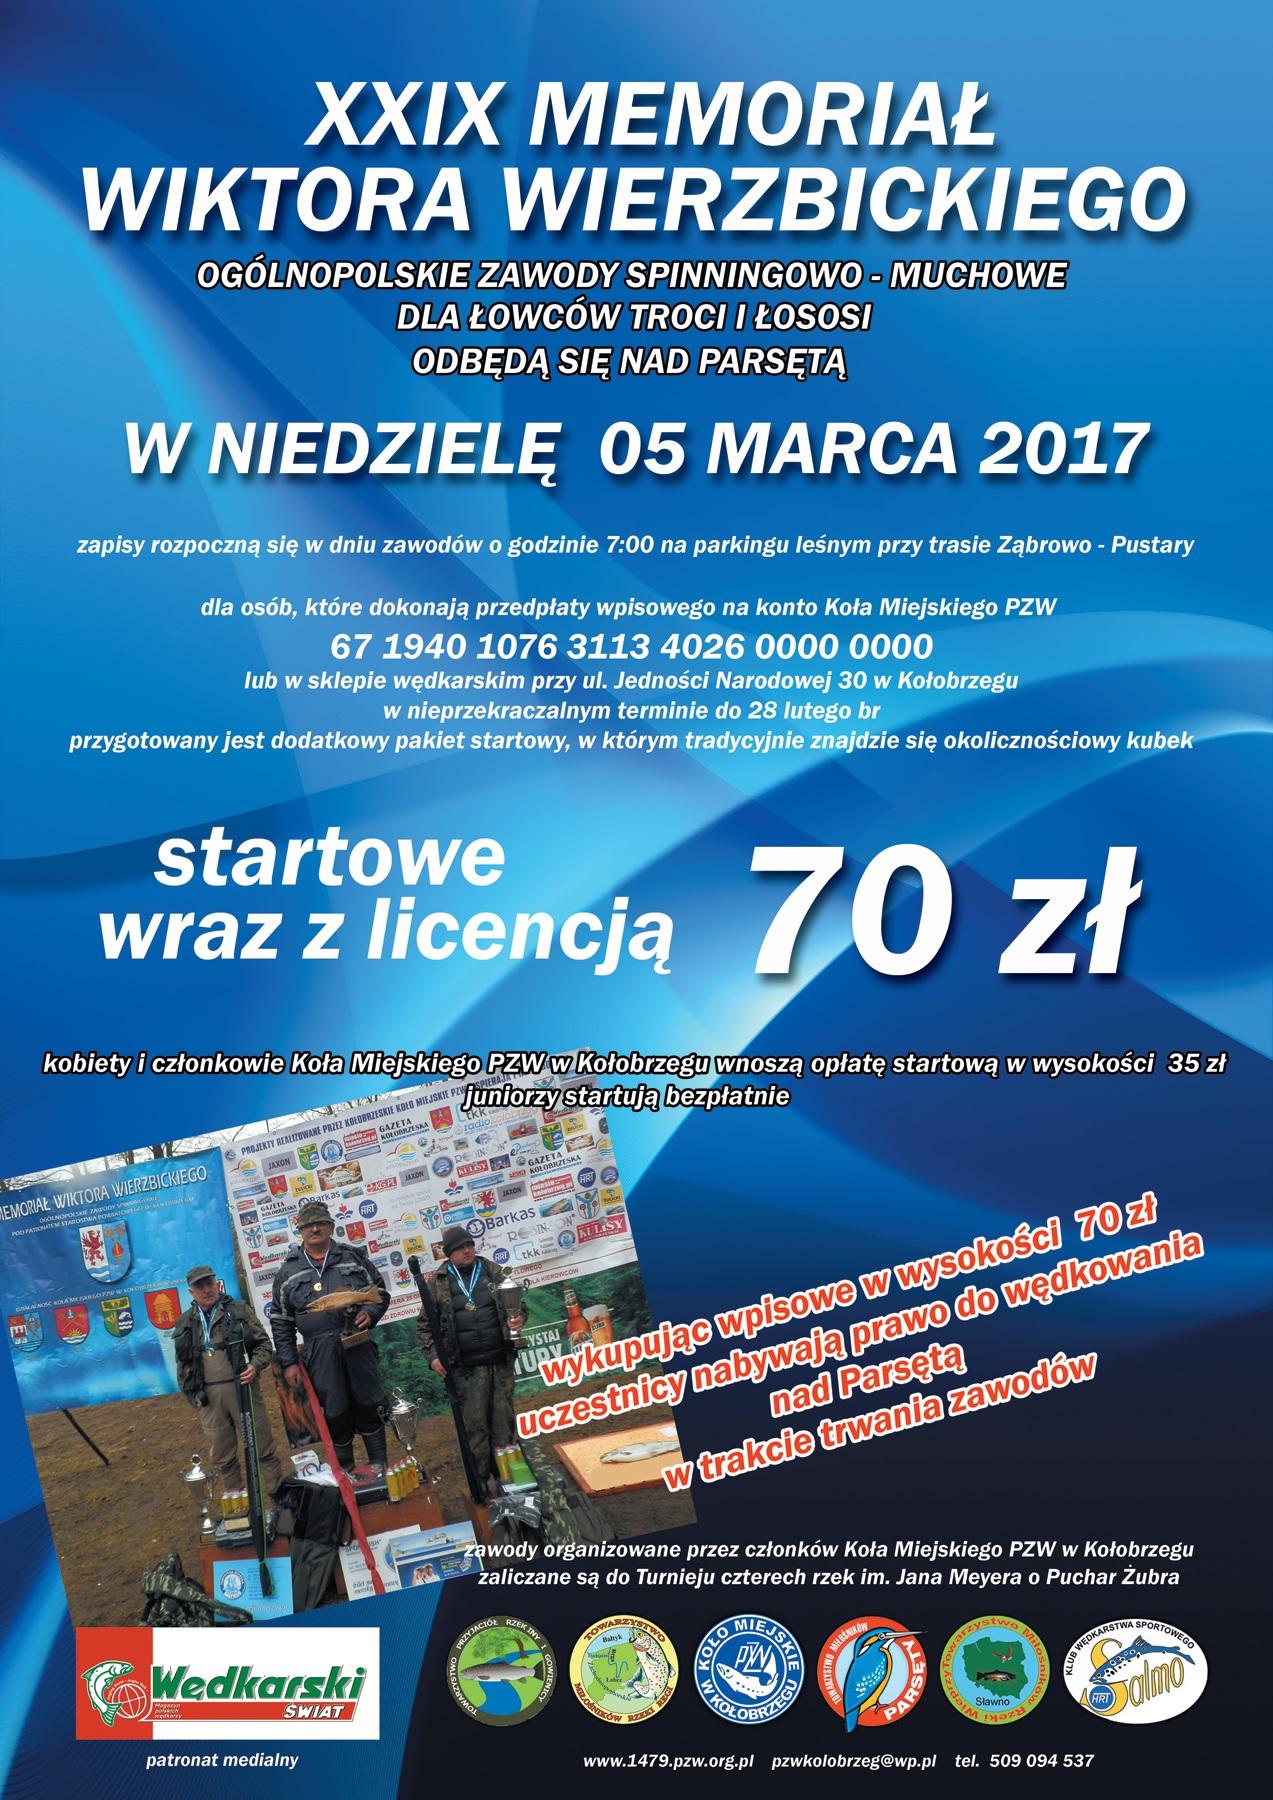 XXIX Ogólnopolskie Trociowe Zawody Spinningowo-Muchowe